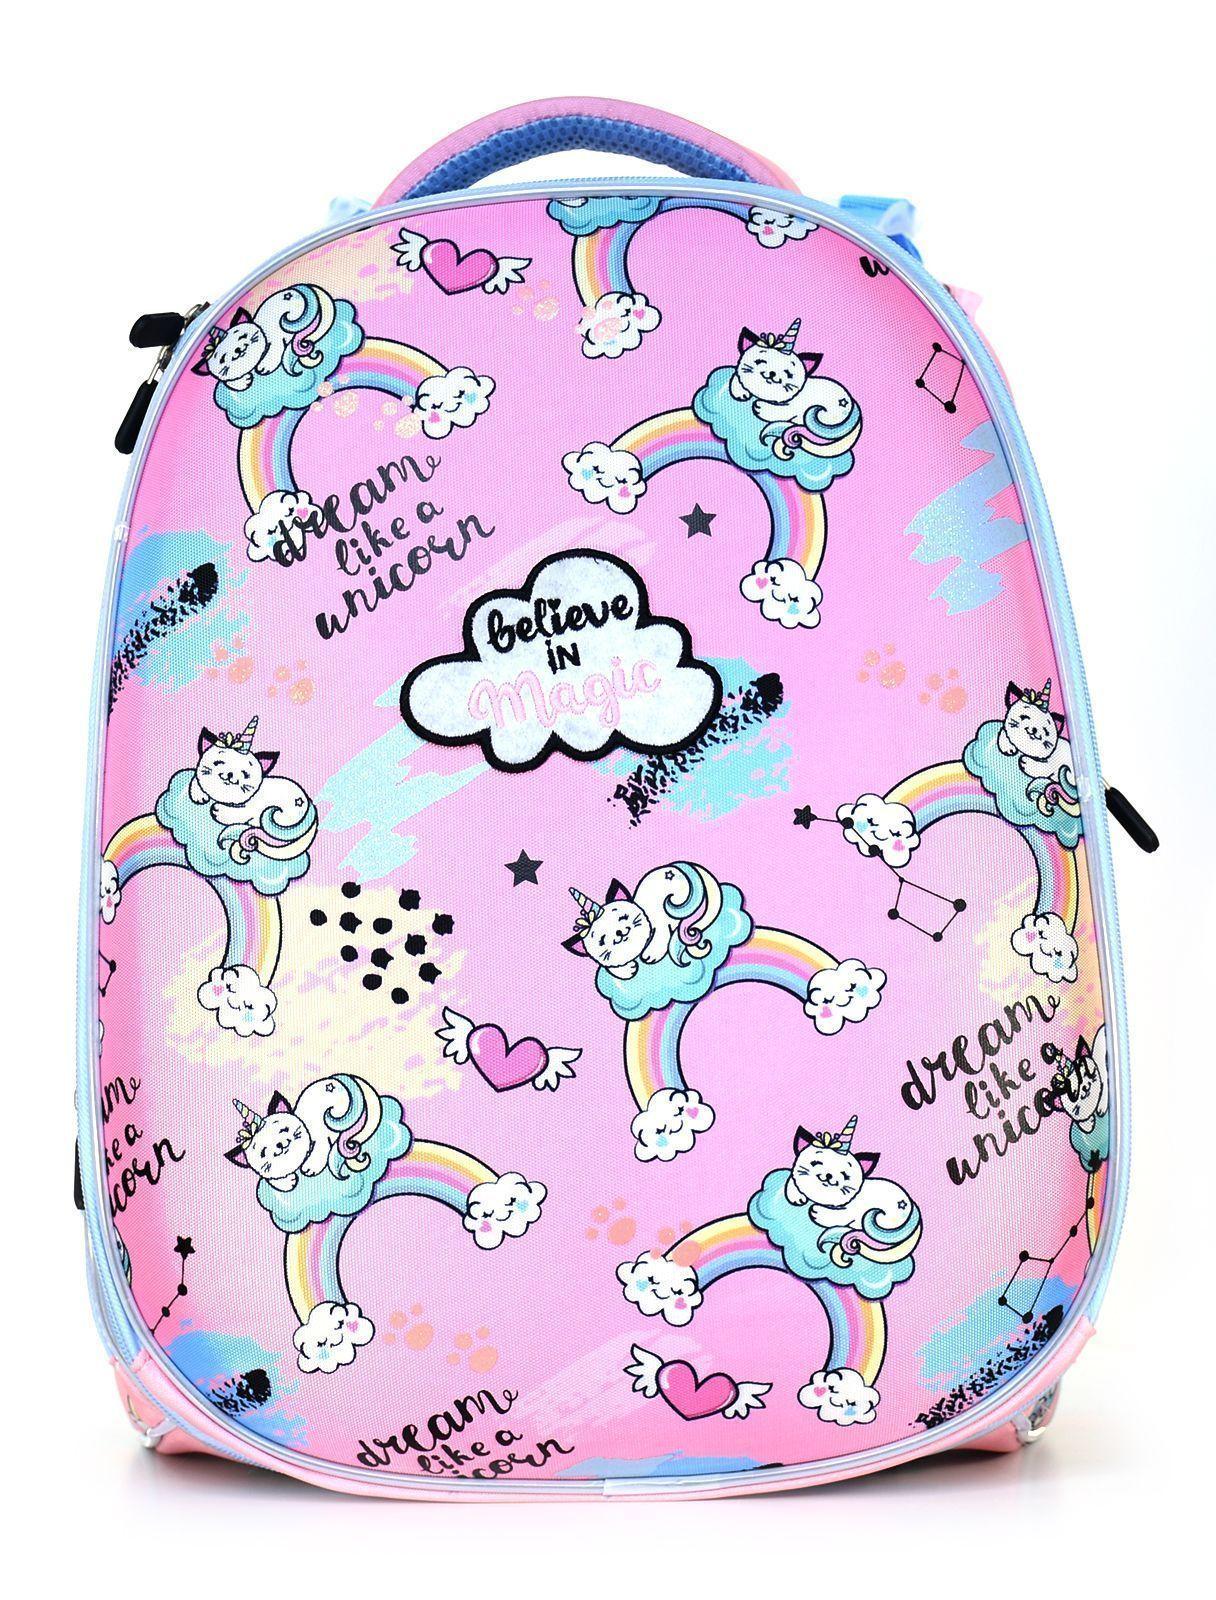 Рюкзак Schoolformat Rainbow magi, модель ERGONOMIC+, жесткий каркас, двухсекционный, 38х30х18 см, 17 л, для девочек